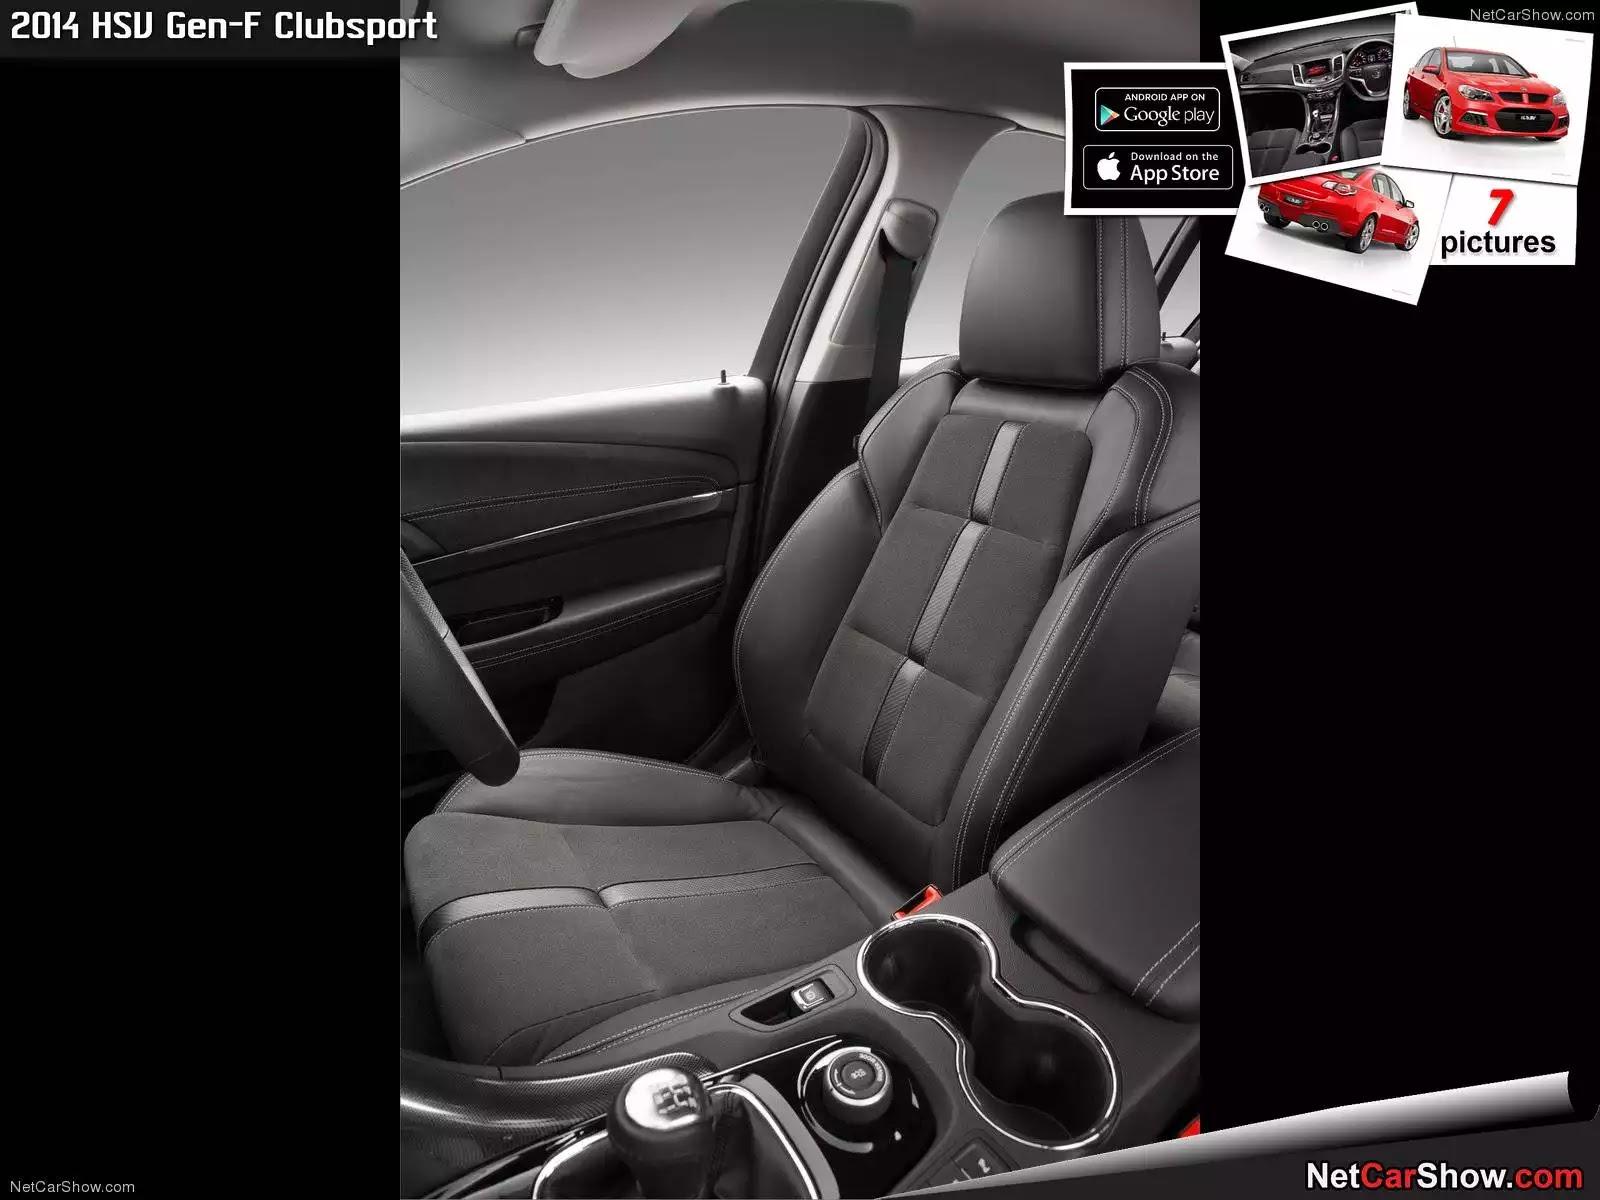 Hình ảnh xe ô tô HSV Gen-F Clubsport 2014 & nội ngoại thất